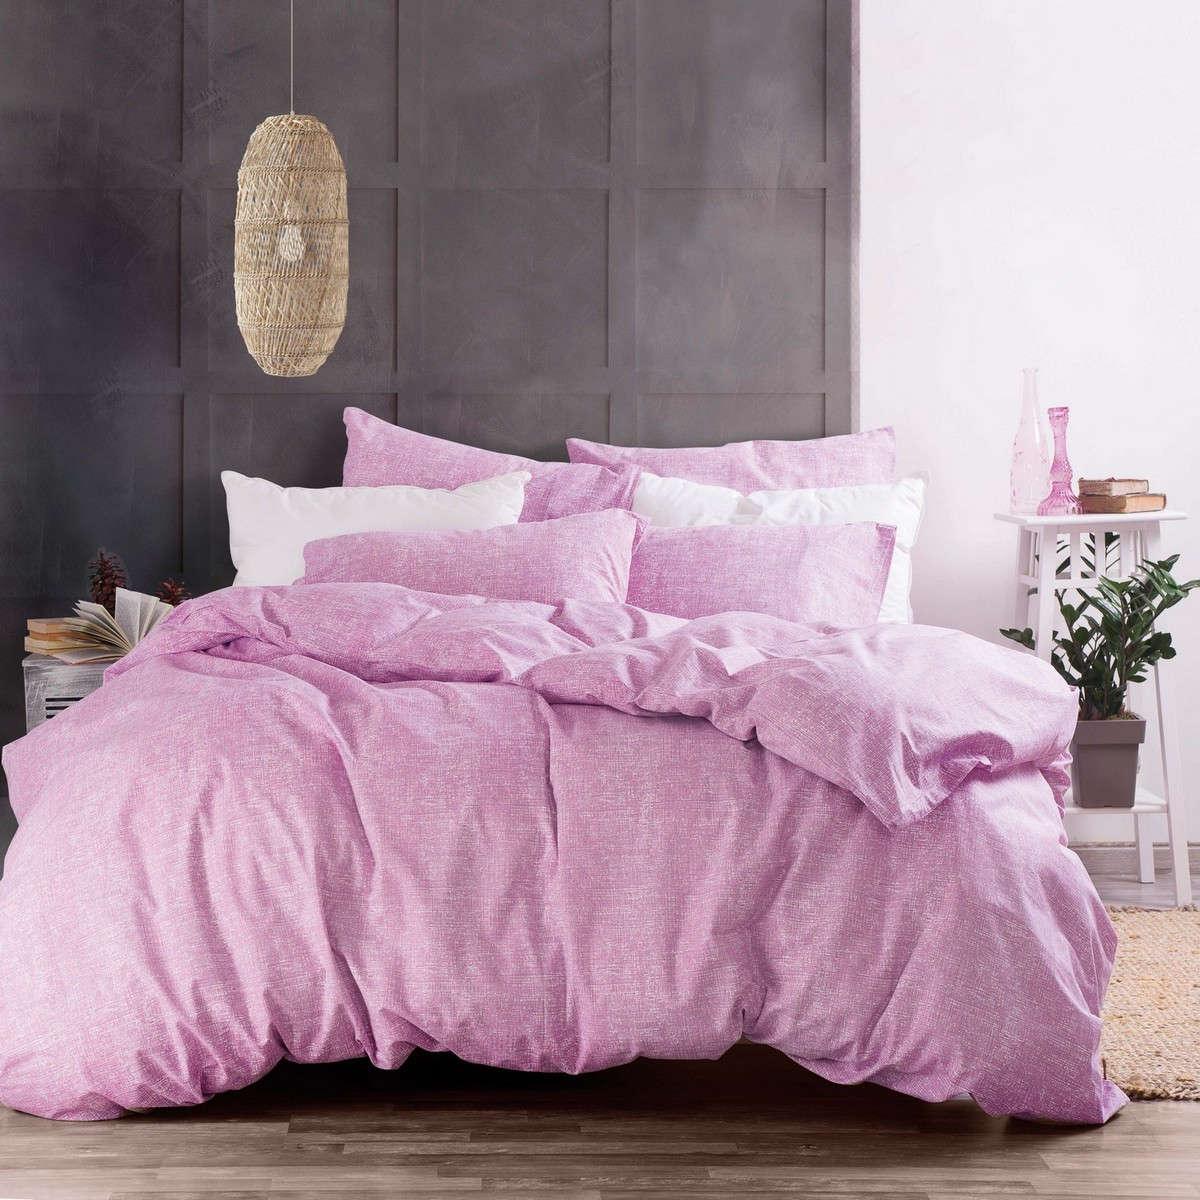 Σεντόνια Σετ Nova Cielo Pink Με Λάστιχο Ρυθμός Μονό 105x205cm